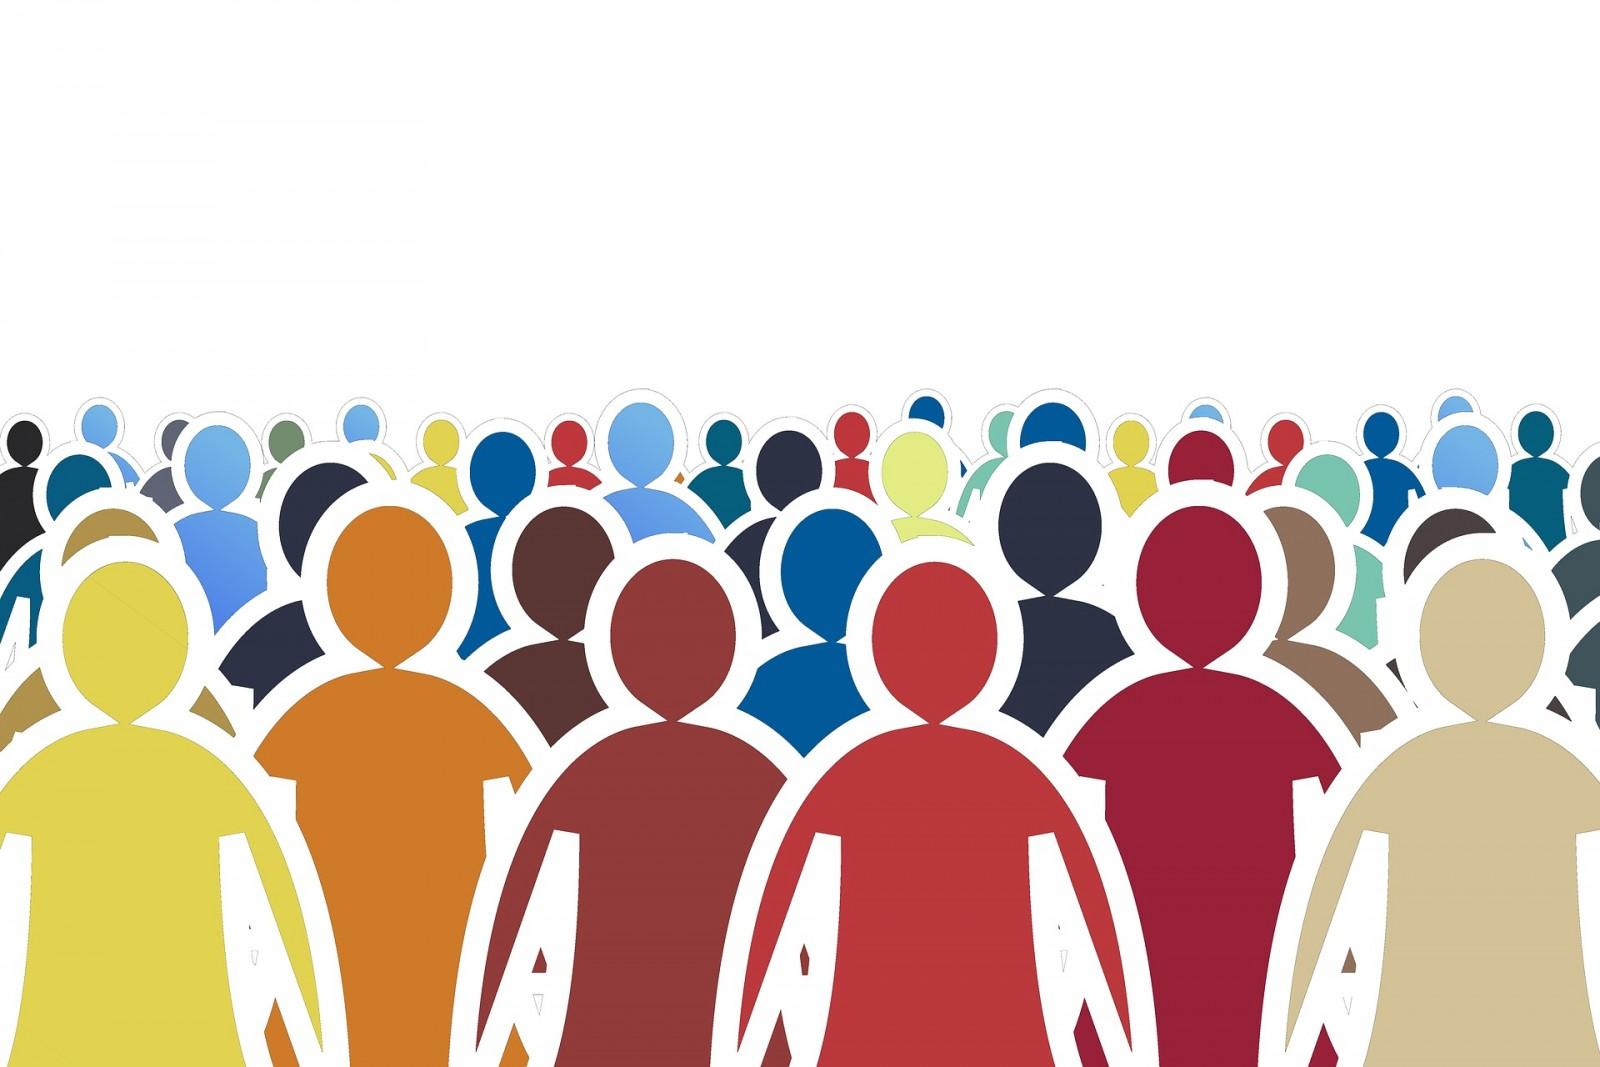 Javni poziv zainteresiranim kandidatima za podnošenje prijava za posao popisivača i kontrolora u drugoj fazi provedbe Popisa stanovništva, kućanstava i stanova u Republici Hrvatskoj 2021. godine.